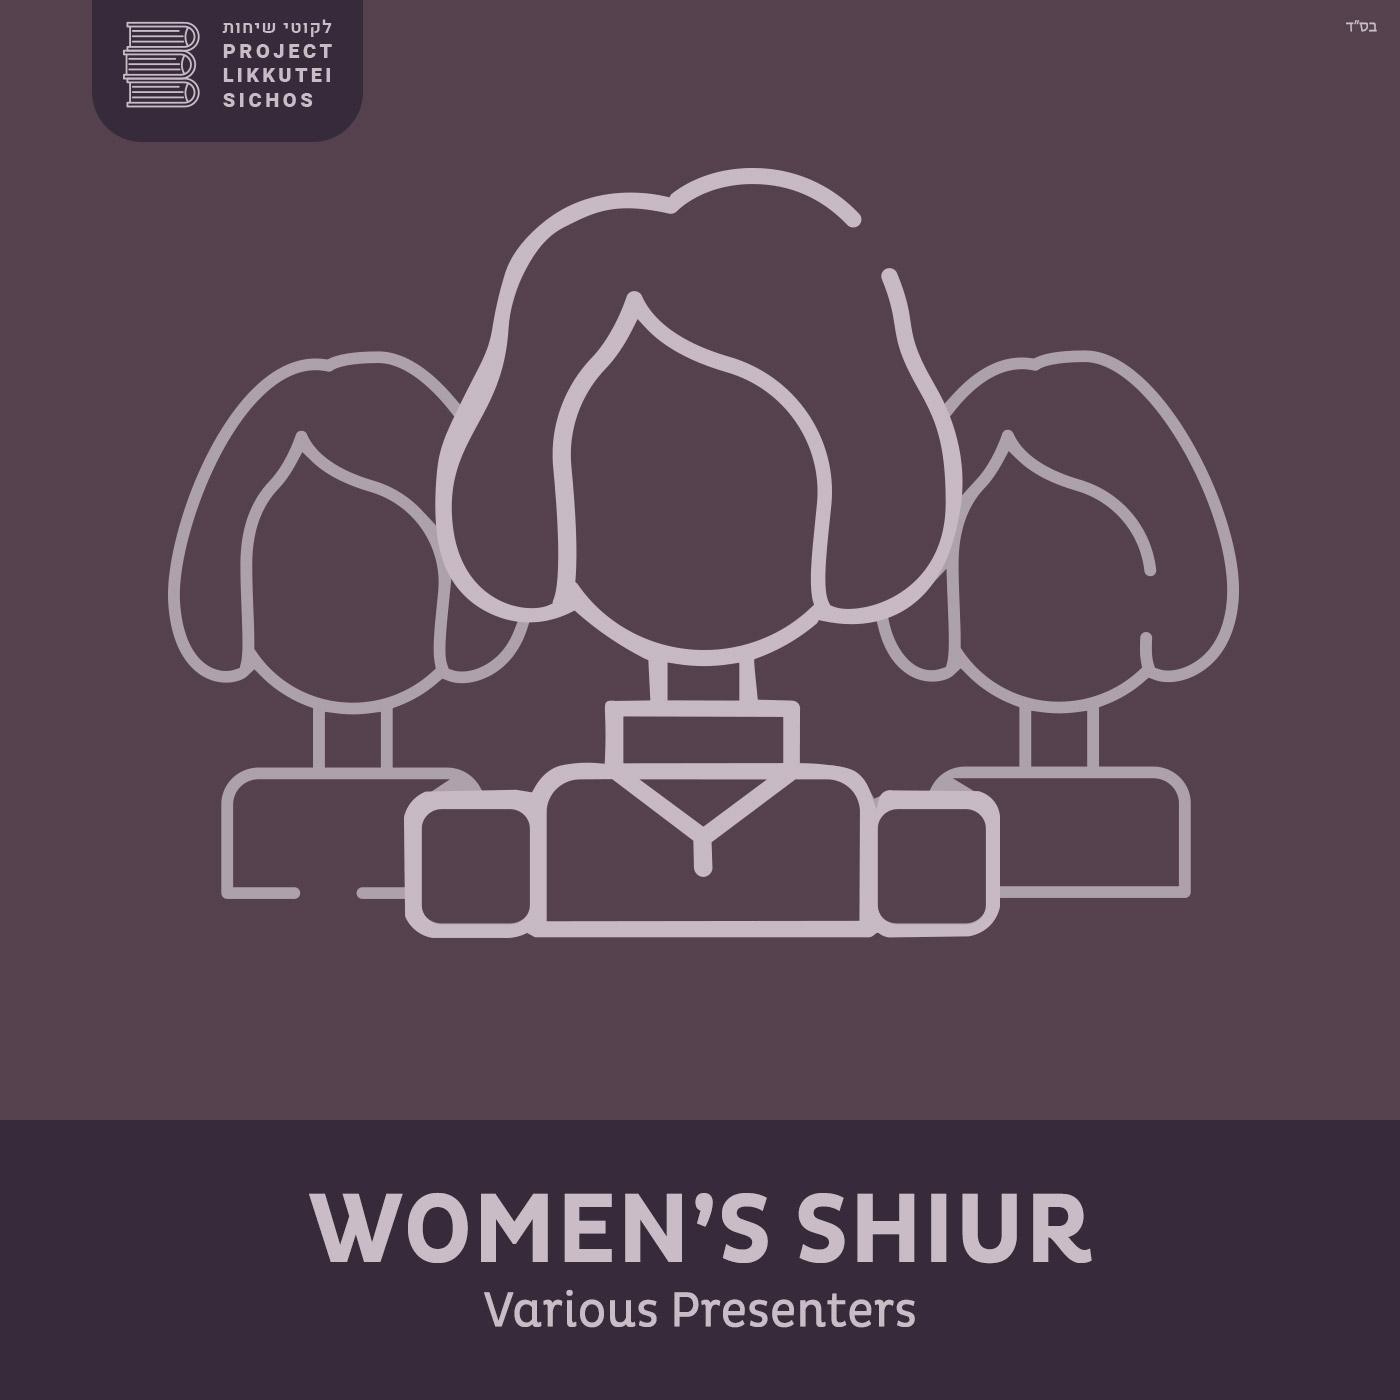 Artwork for podcast Sicha Women's Shiur